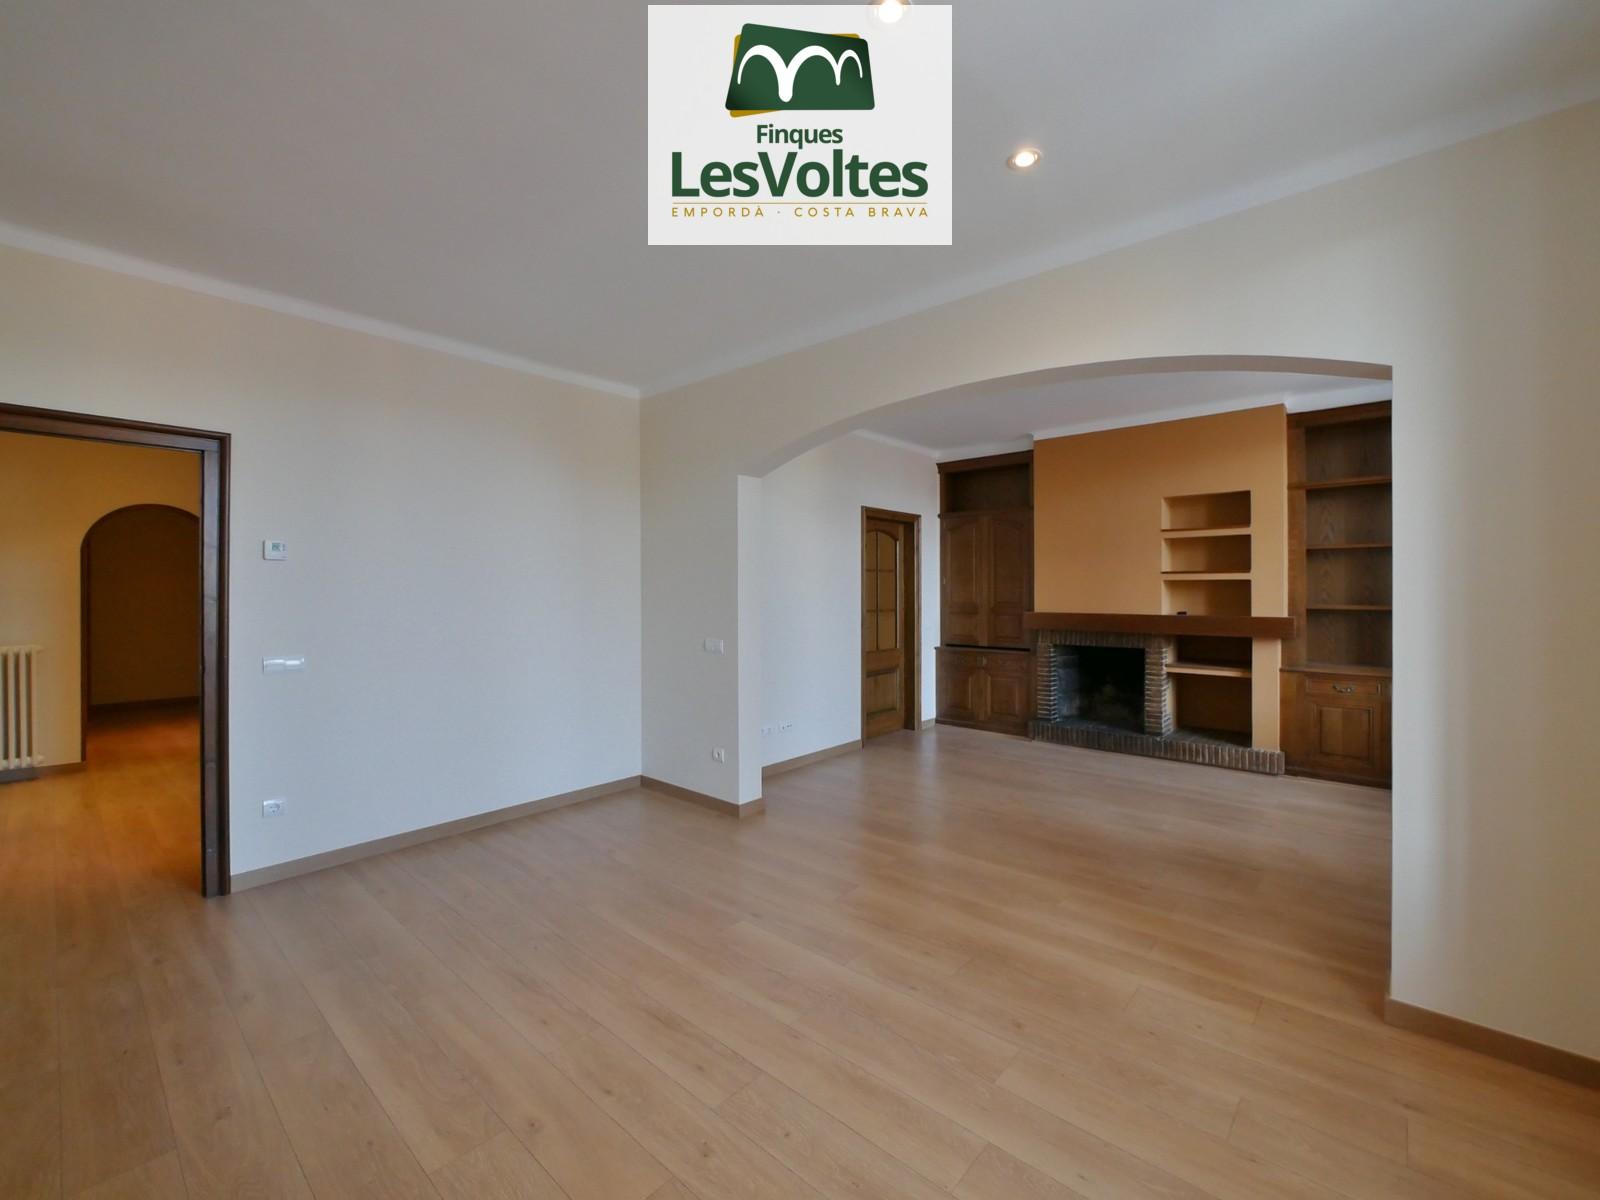 Local en alquiler en LA BISBAL D'EMPORDÀ de 90 m2